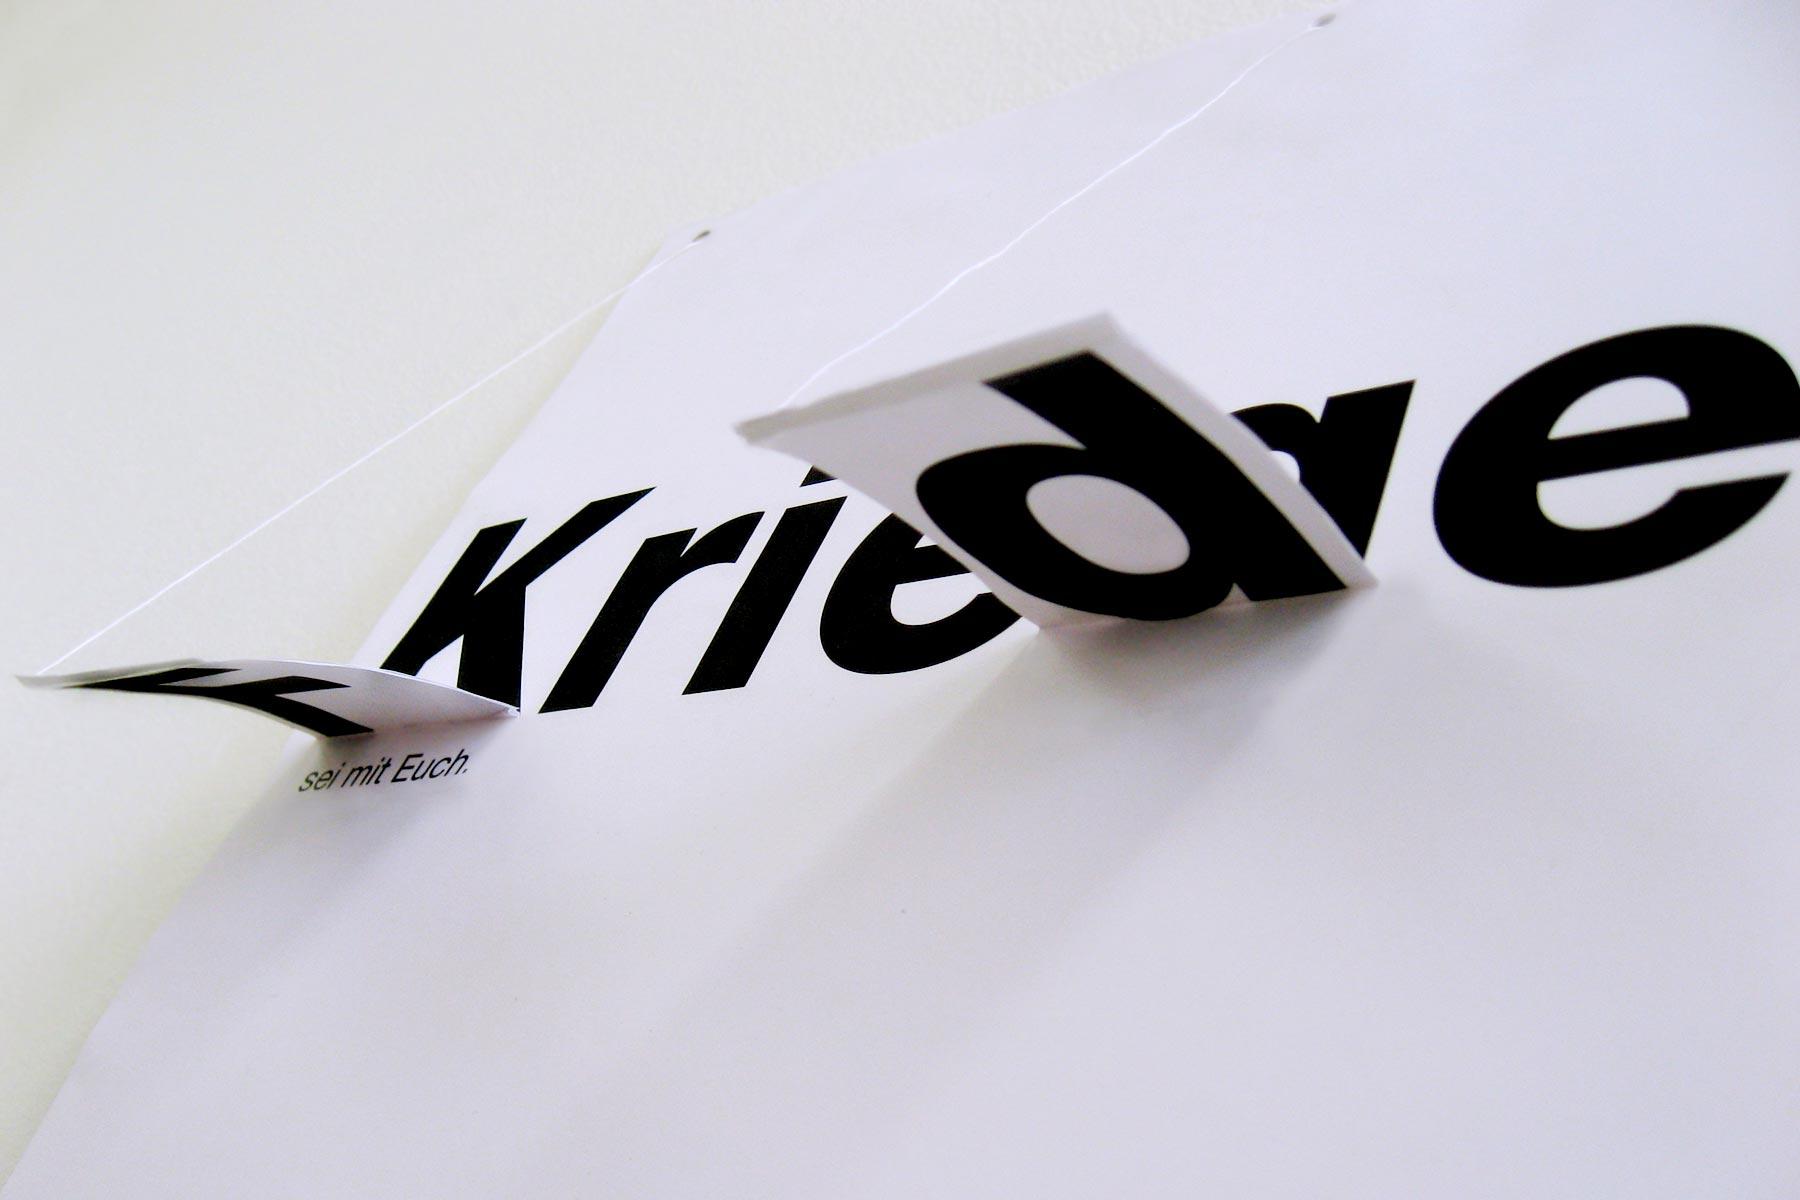 kriege_friede_4